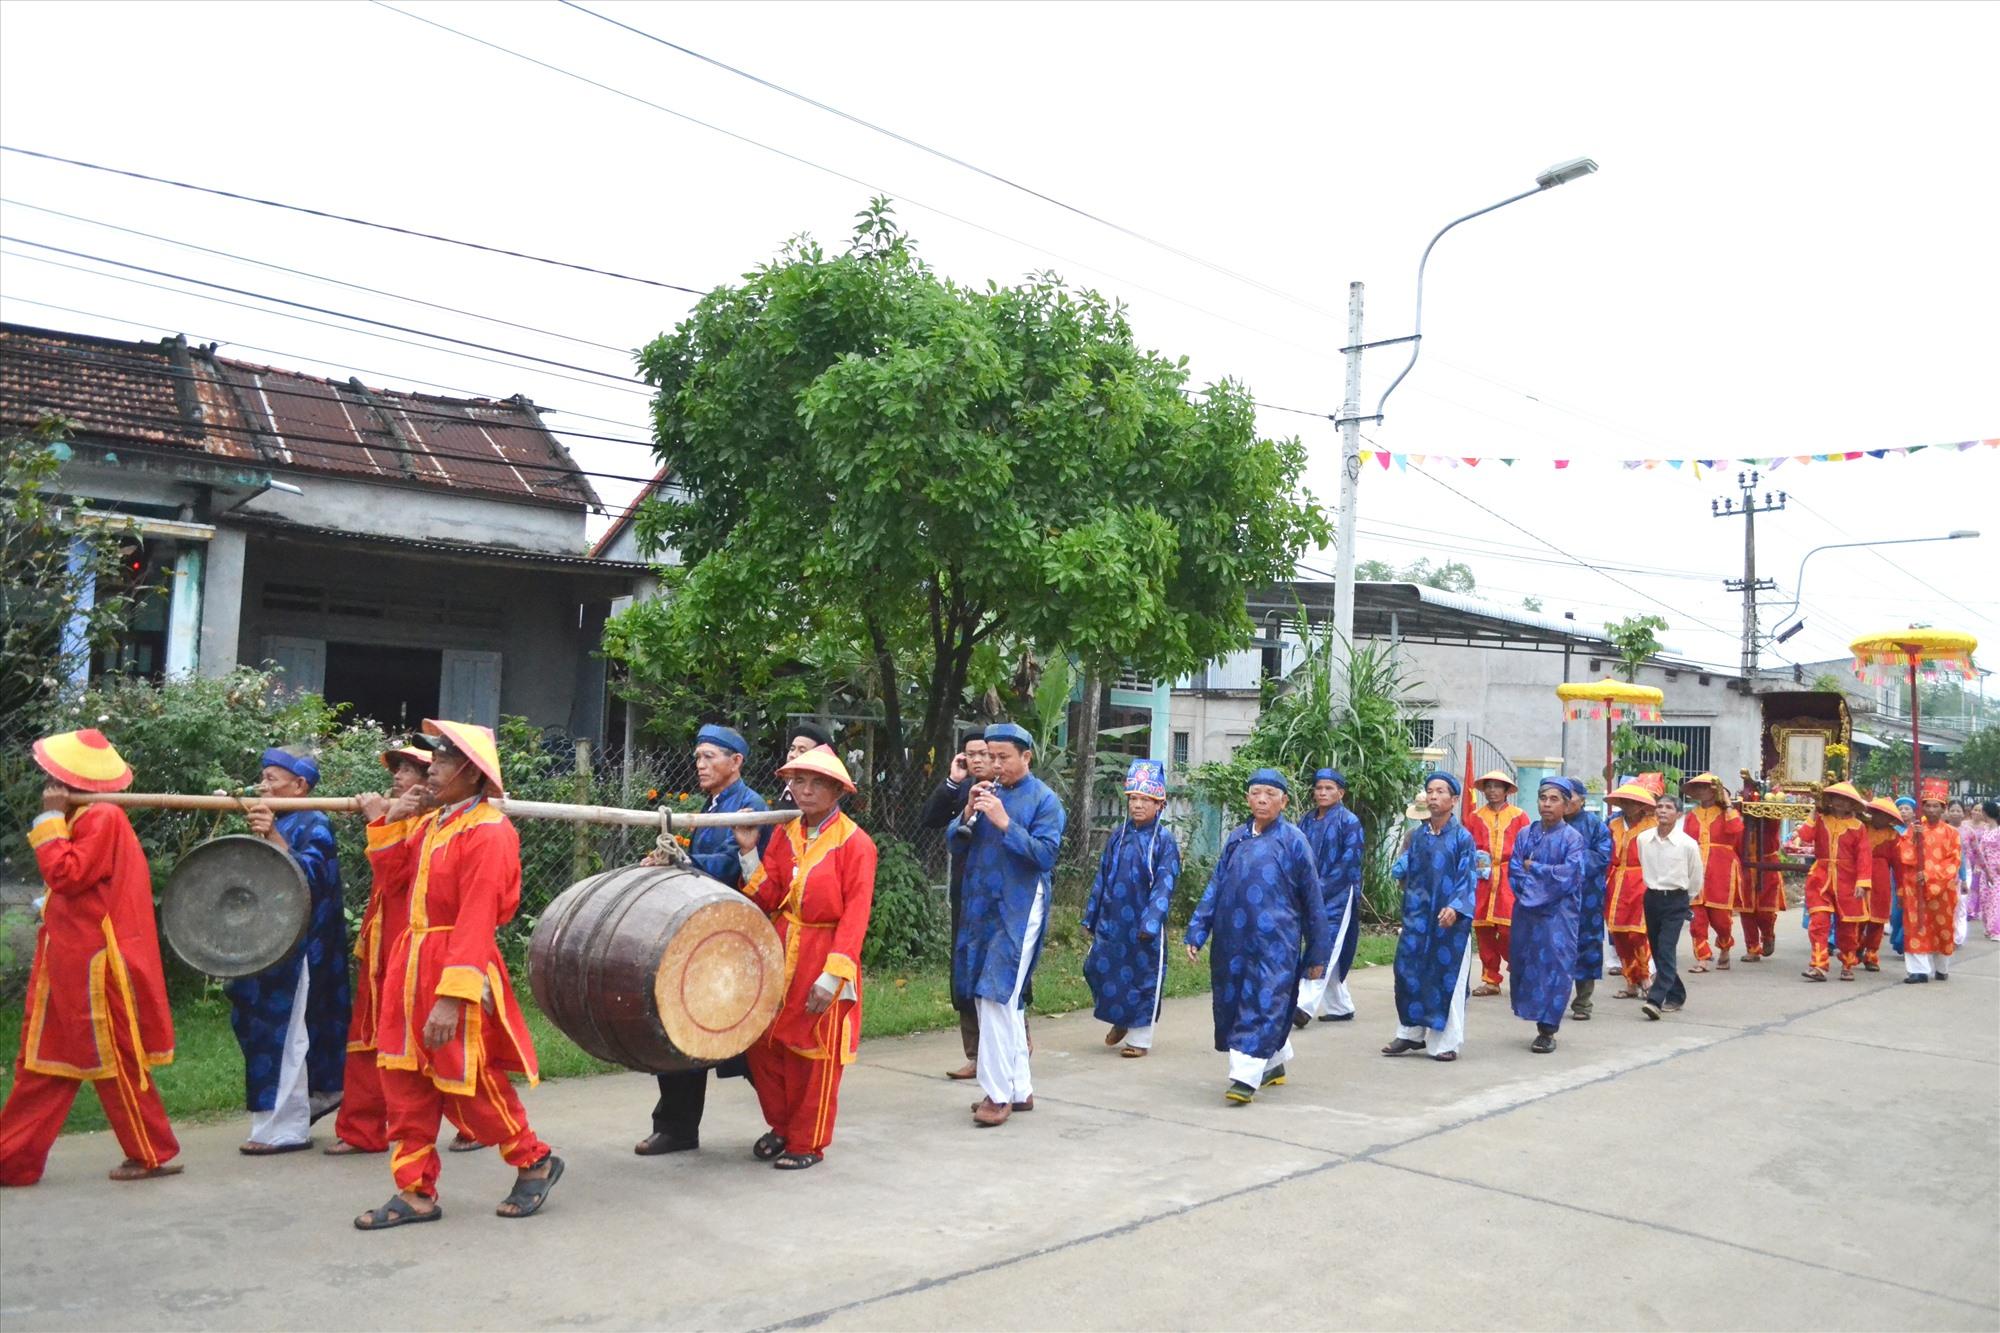 Các làng rước linh kiệu Thành Hoàng, tổ tiên về trung tâm xã Điện Quang để tế lễ Thanh minh. Ảnh: C.T